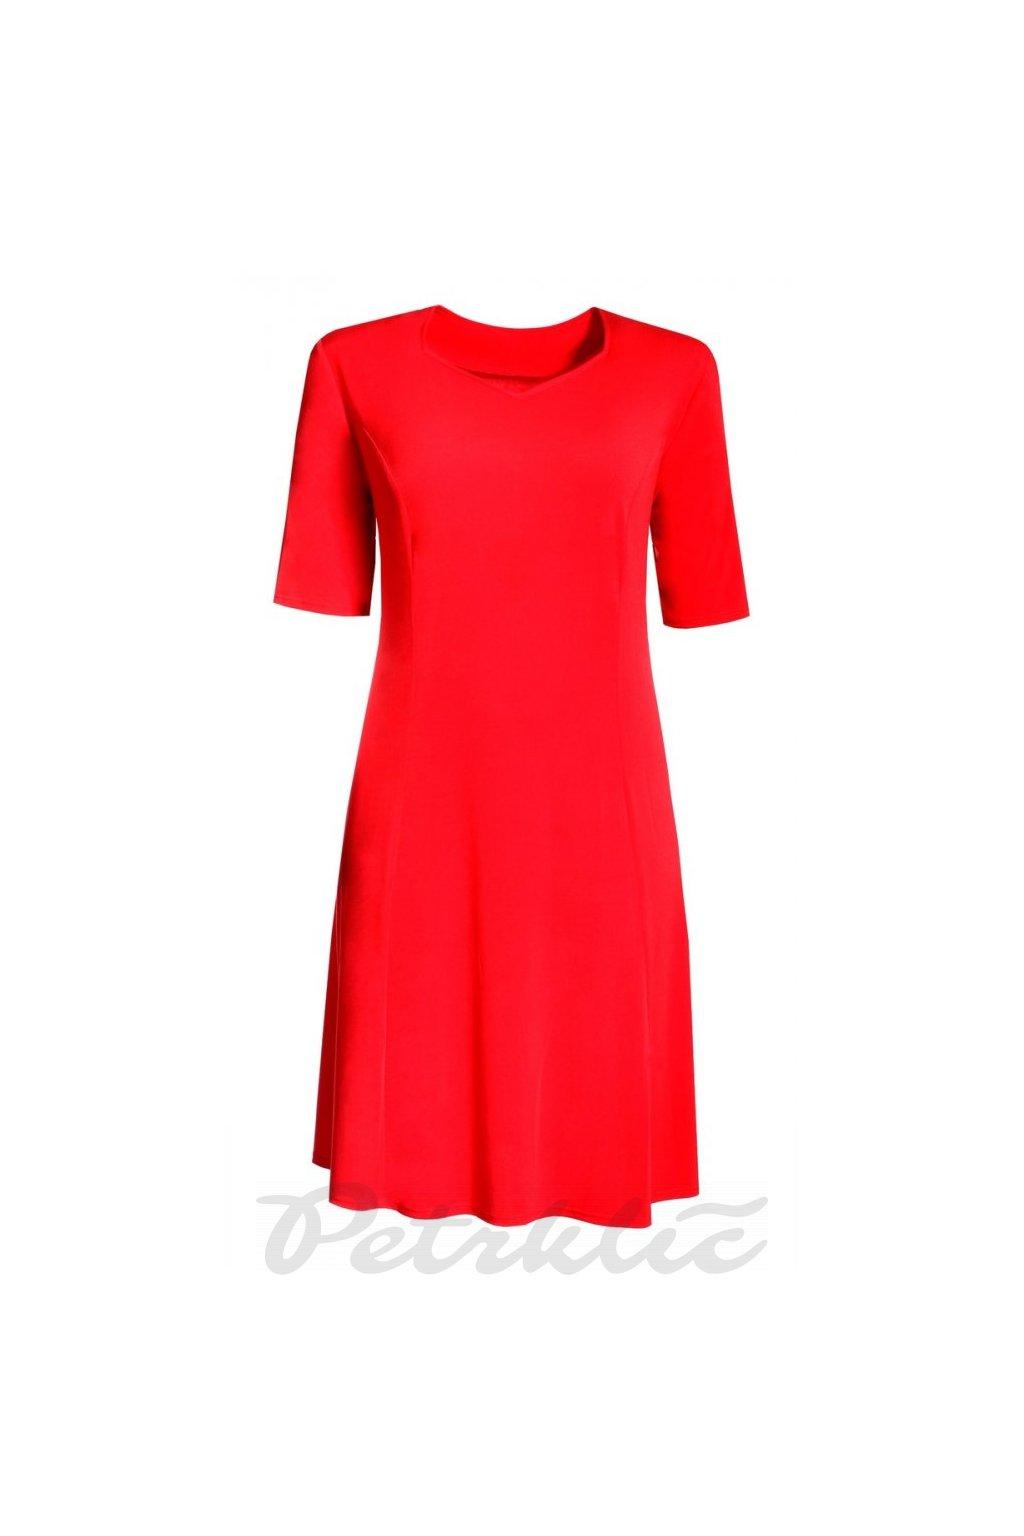 LIBUŠ šaty krátký rukáv 110 cm